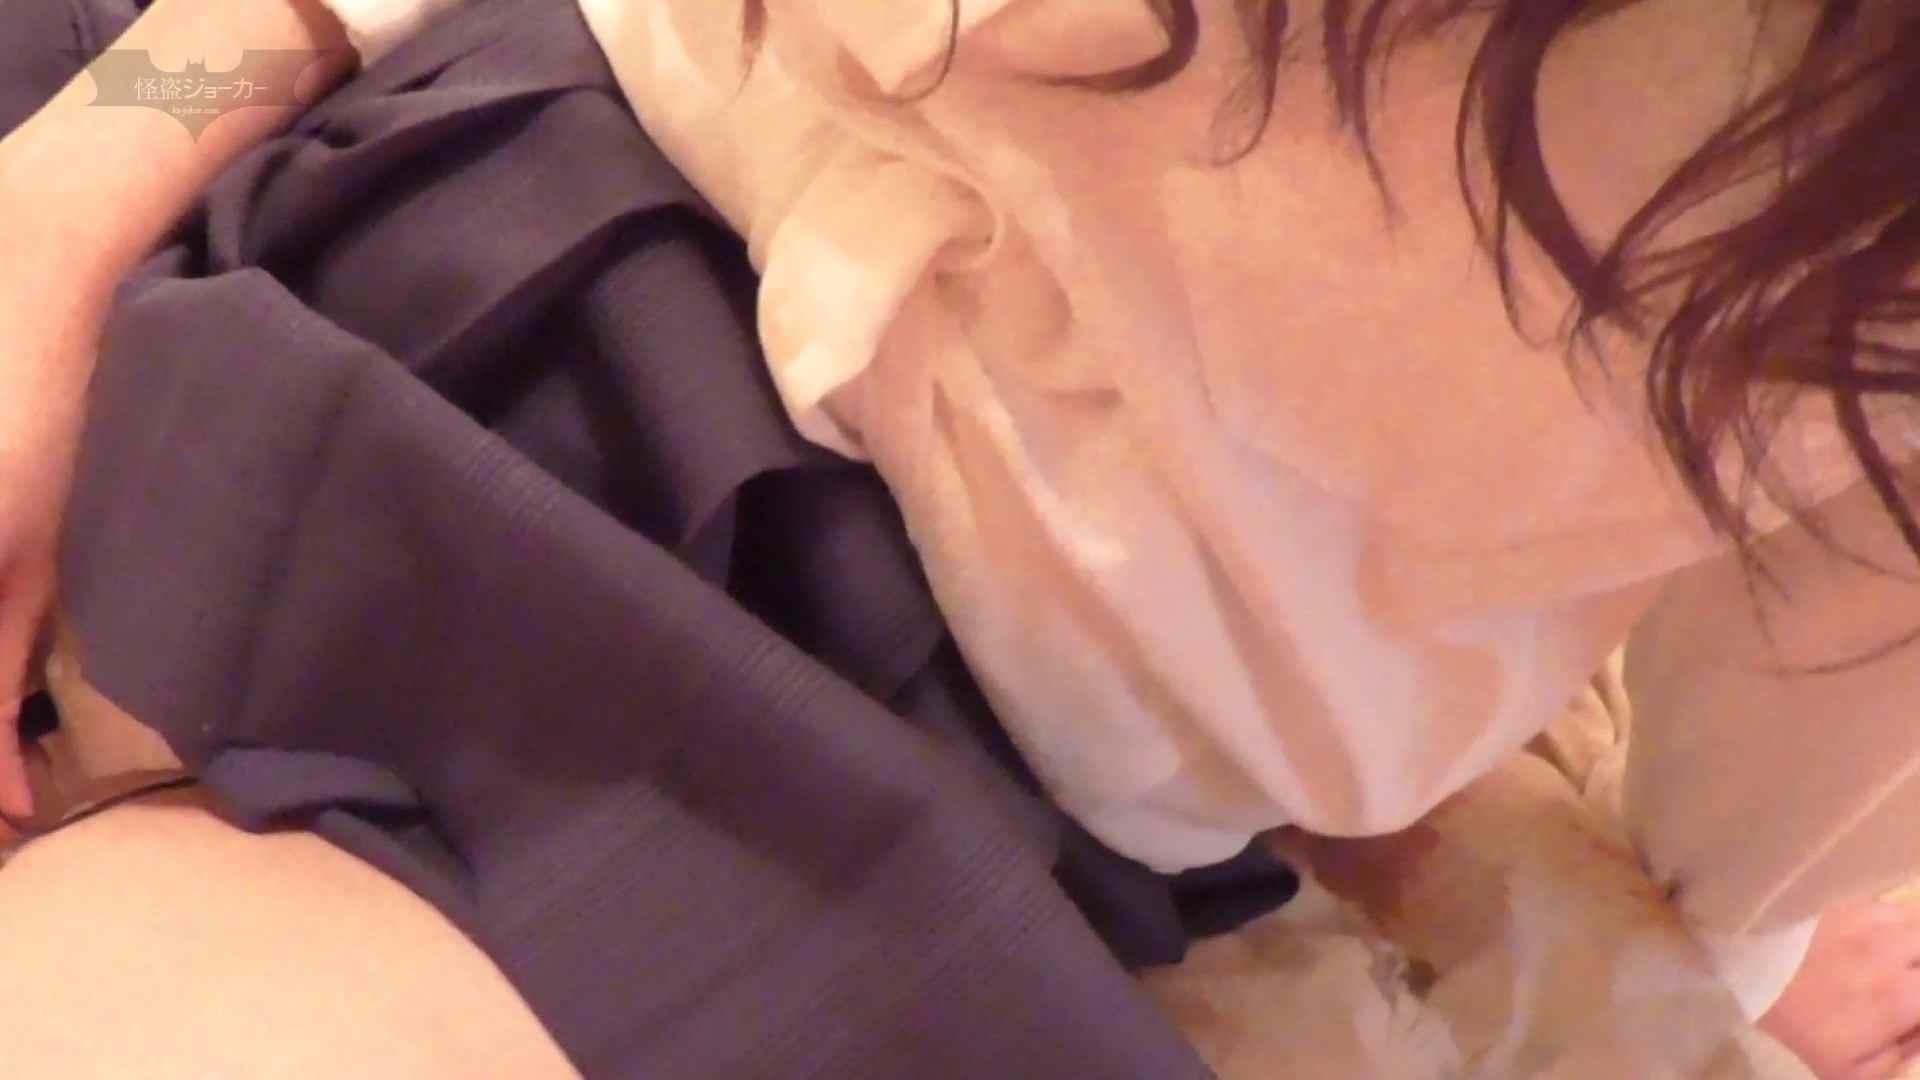 パンツを売る女 Vol.18 最近のSEIFUKUは話が早いっ!舐めるの上手いっ エッチすぎるOL達   パンツ  97連発 47